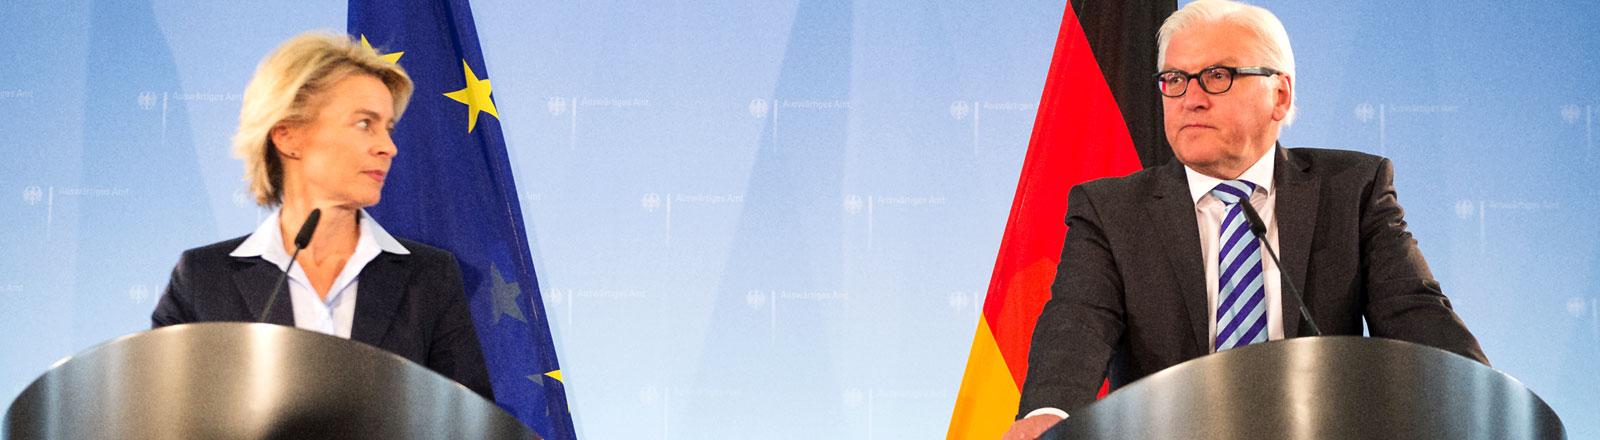 Verteidigungsministerin Ursula von der Leyen (CDU) und Bundesaußenminister Frank-Walter Steinmeier (SPD) nehmen am 20.08.2014 in Berlin an einer Pressekonferenz teil.